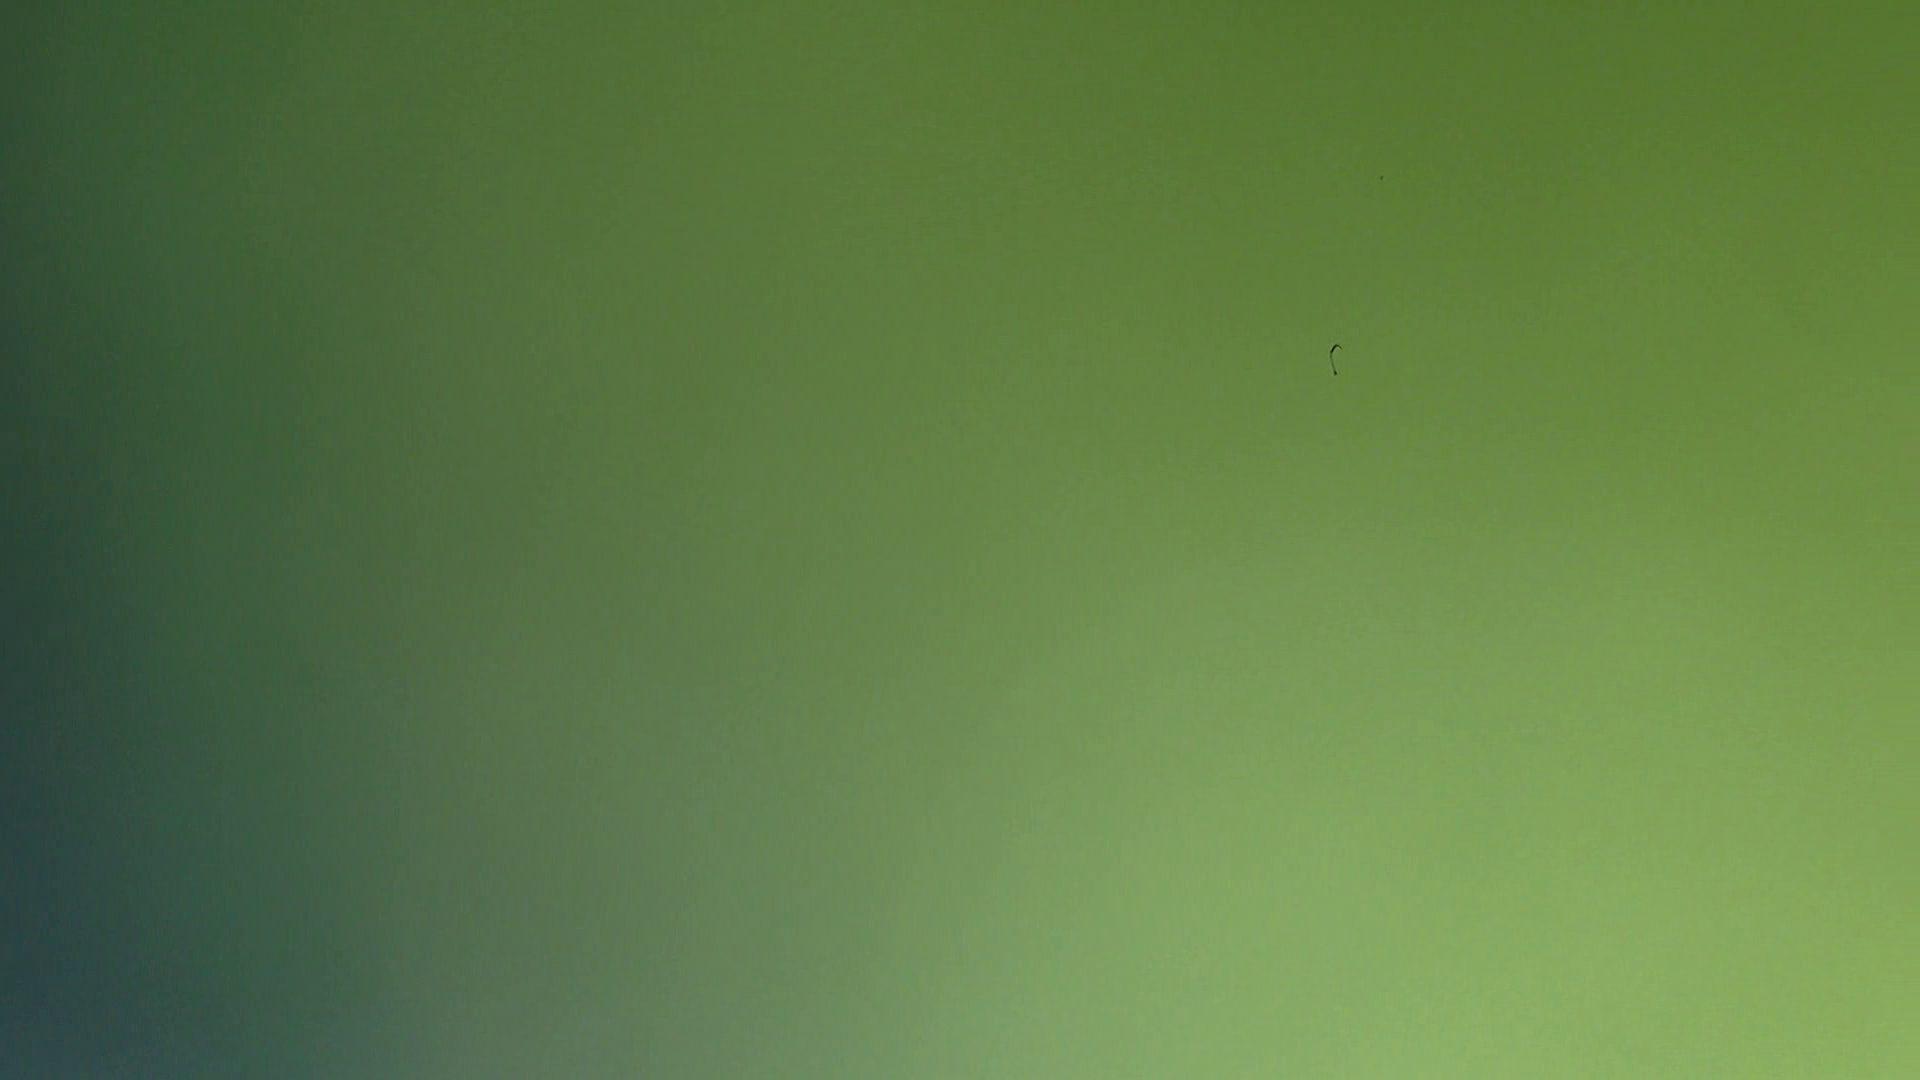 上級者の方専用 vol.03 OLセックス | 0  82画像 11